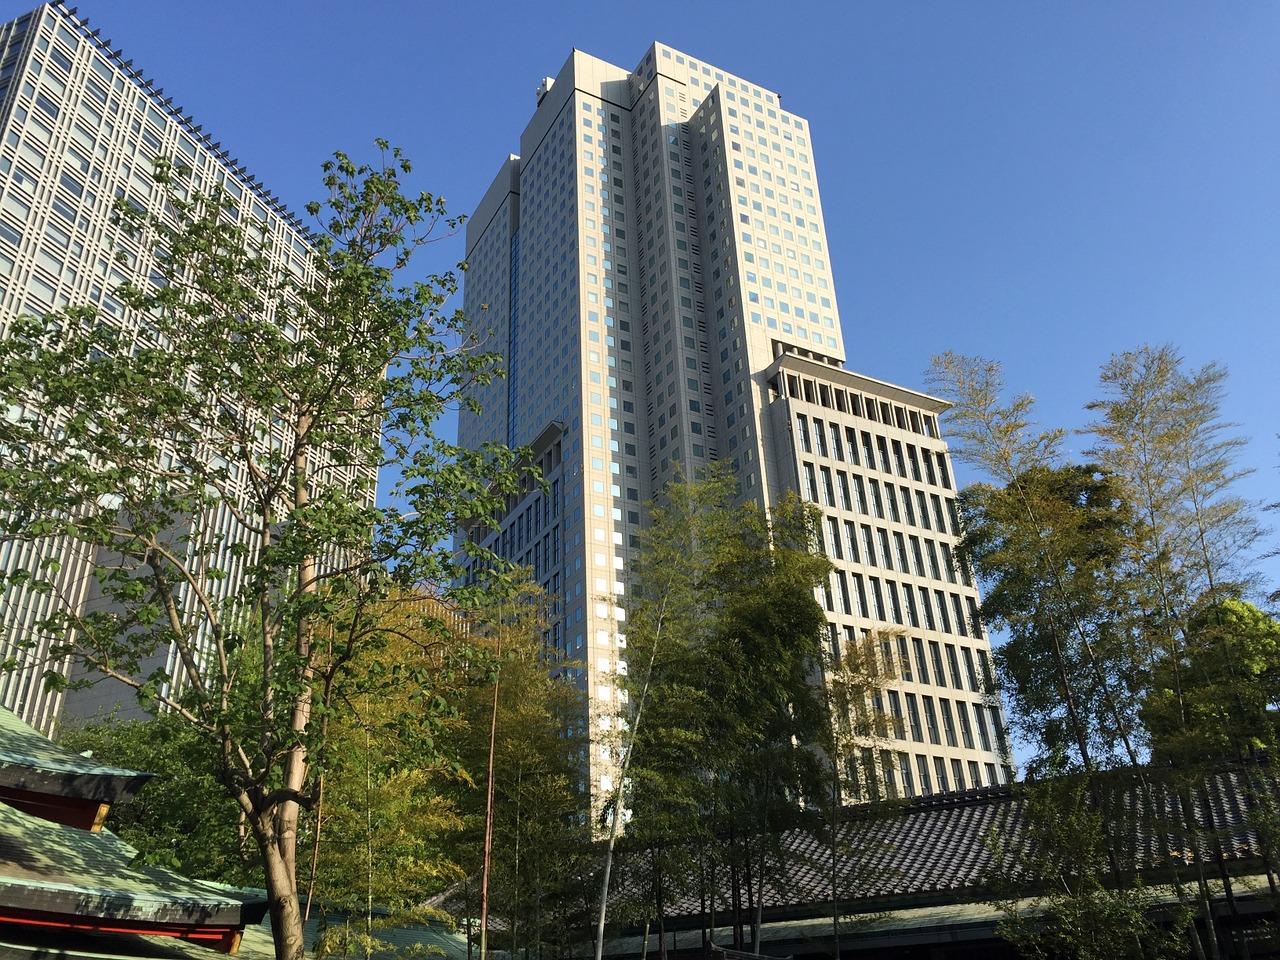 大野智のタワーマンションの場所は港区高輪?品川駅付近だが住所は港区?